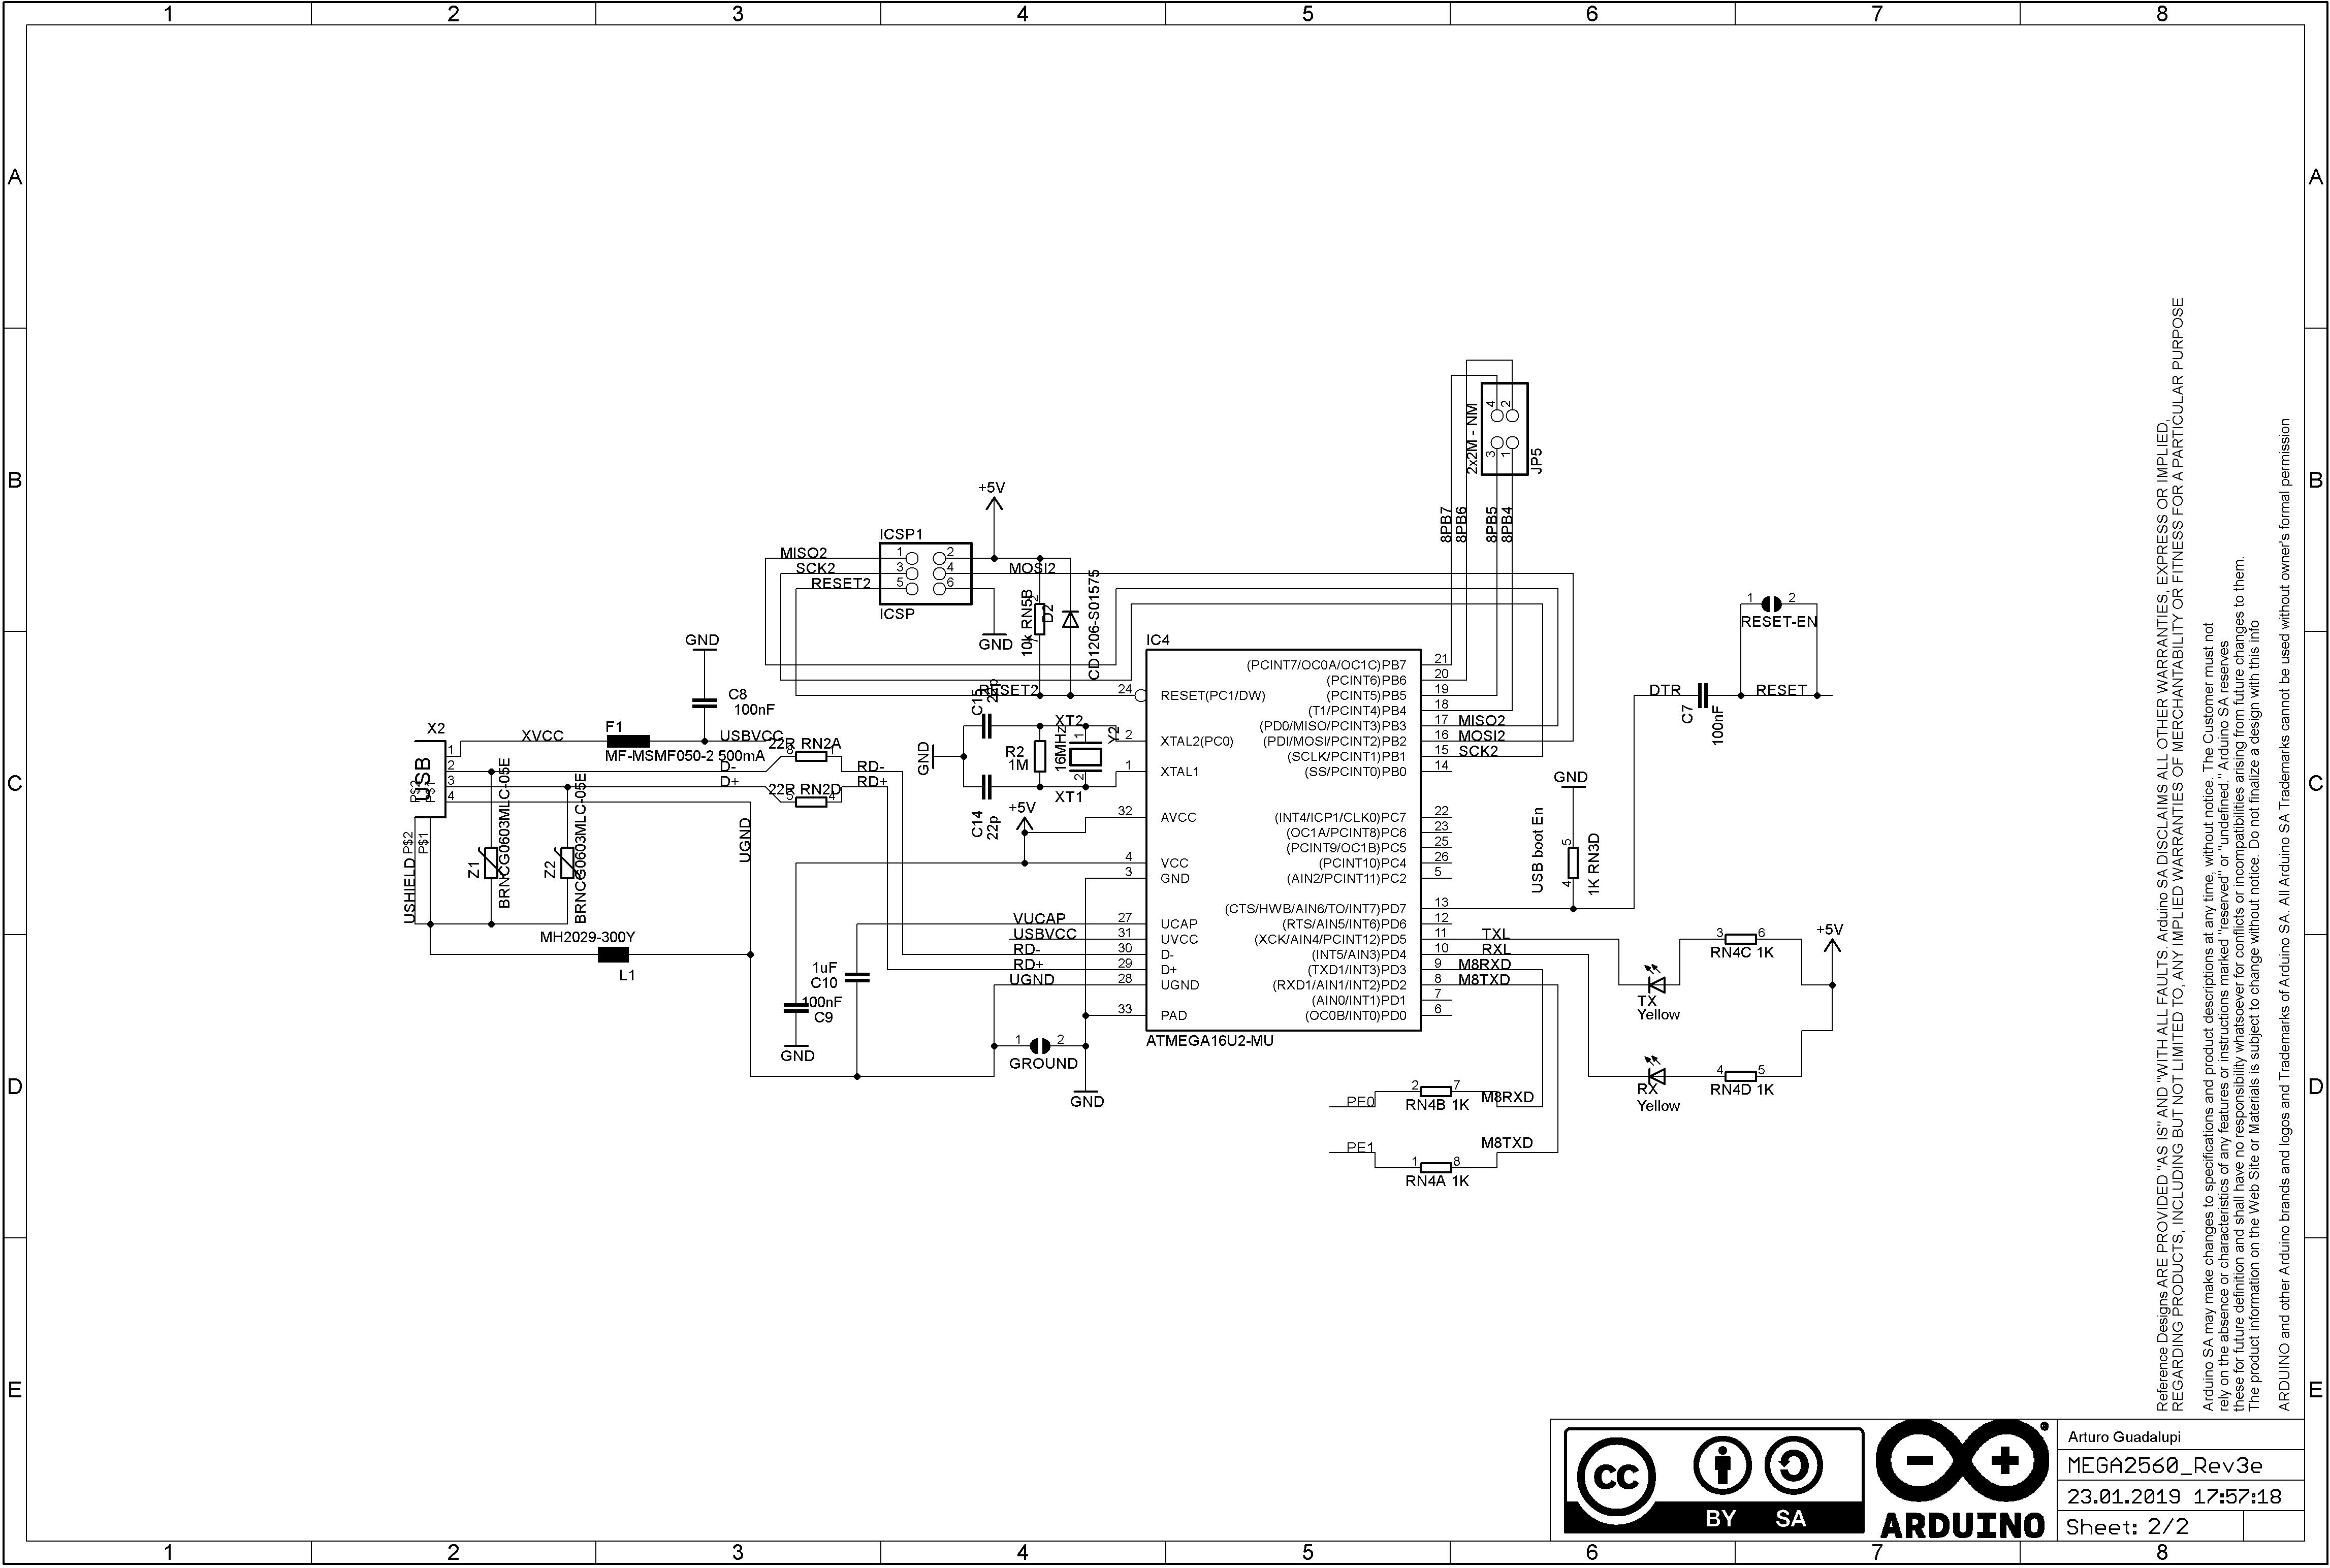 Arduino mega 2560 schematic download